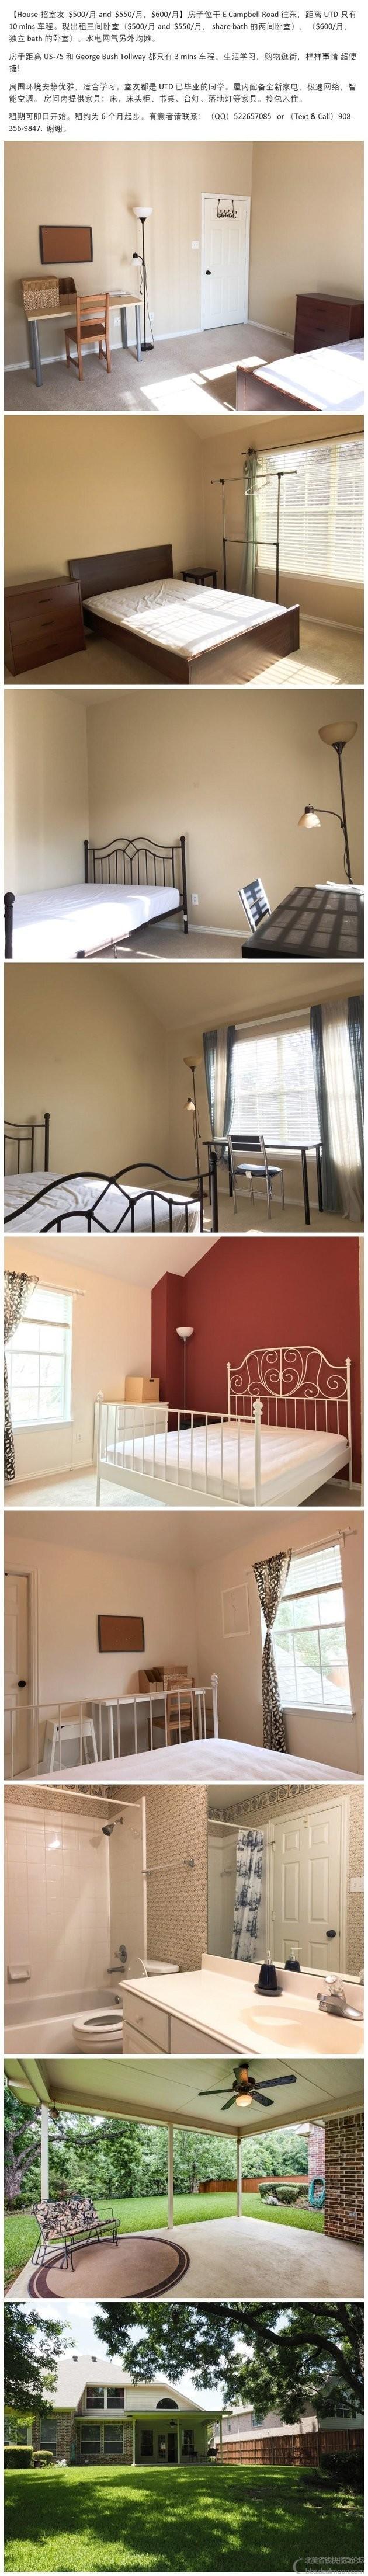 rent_3_Rooms